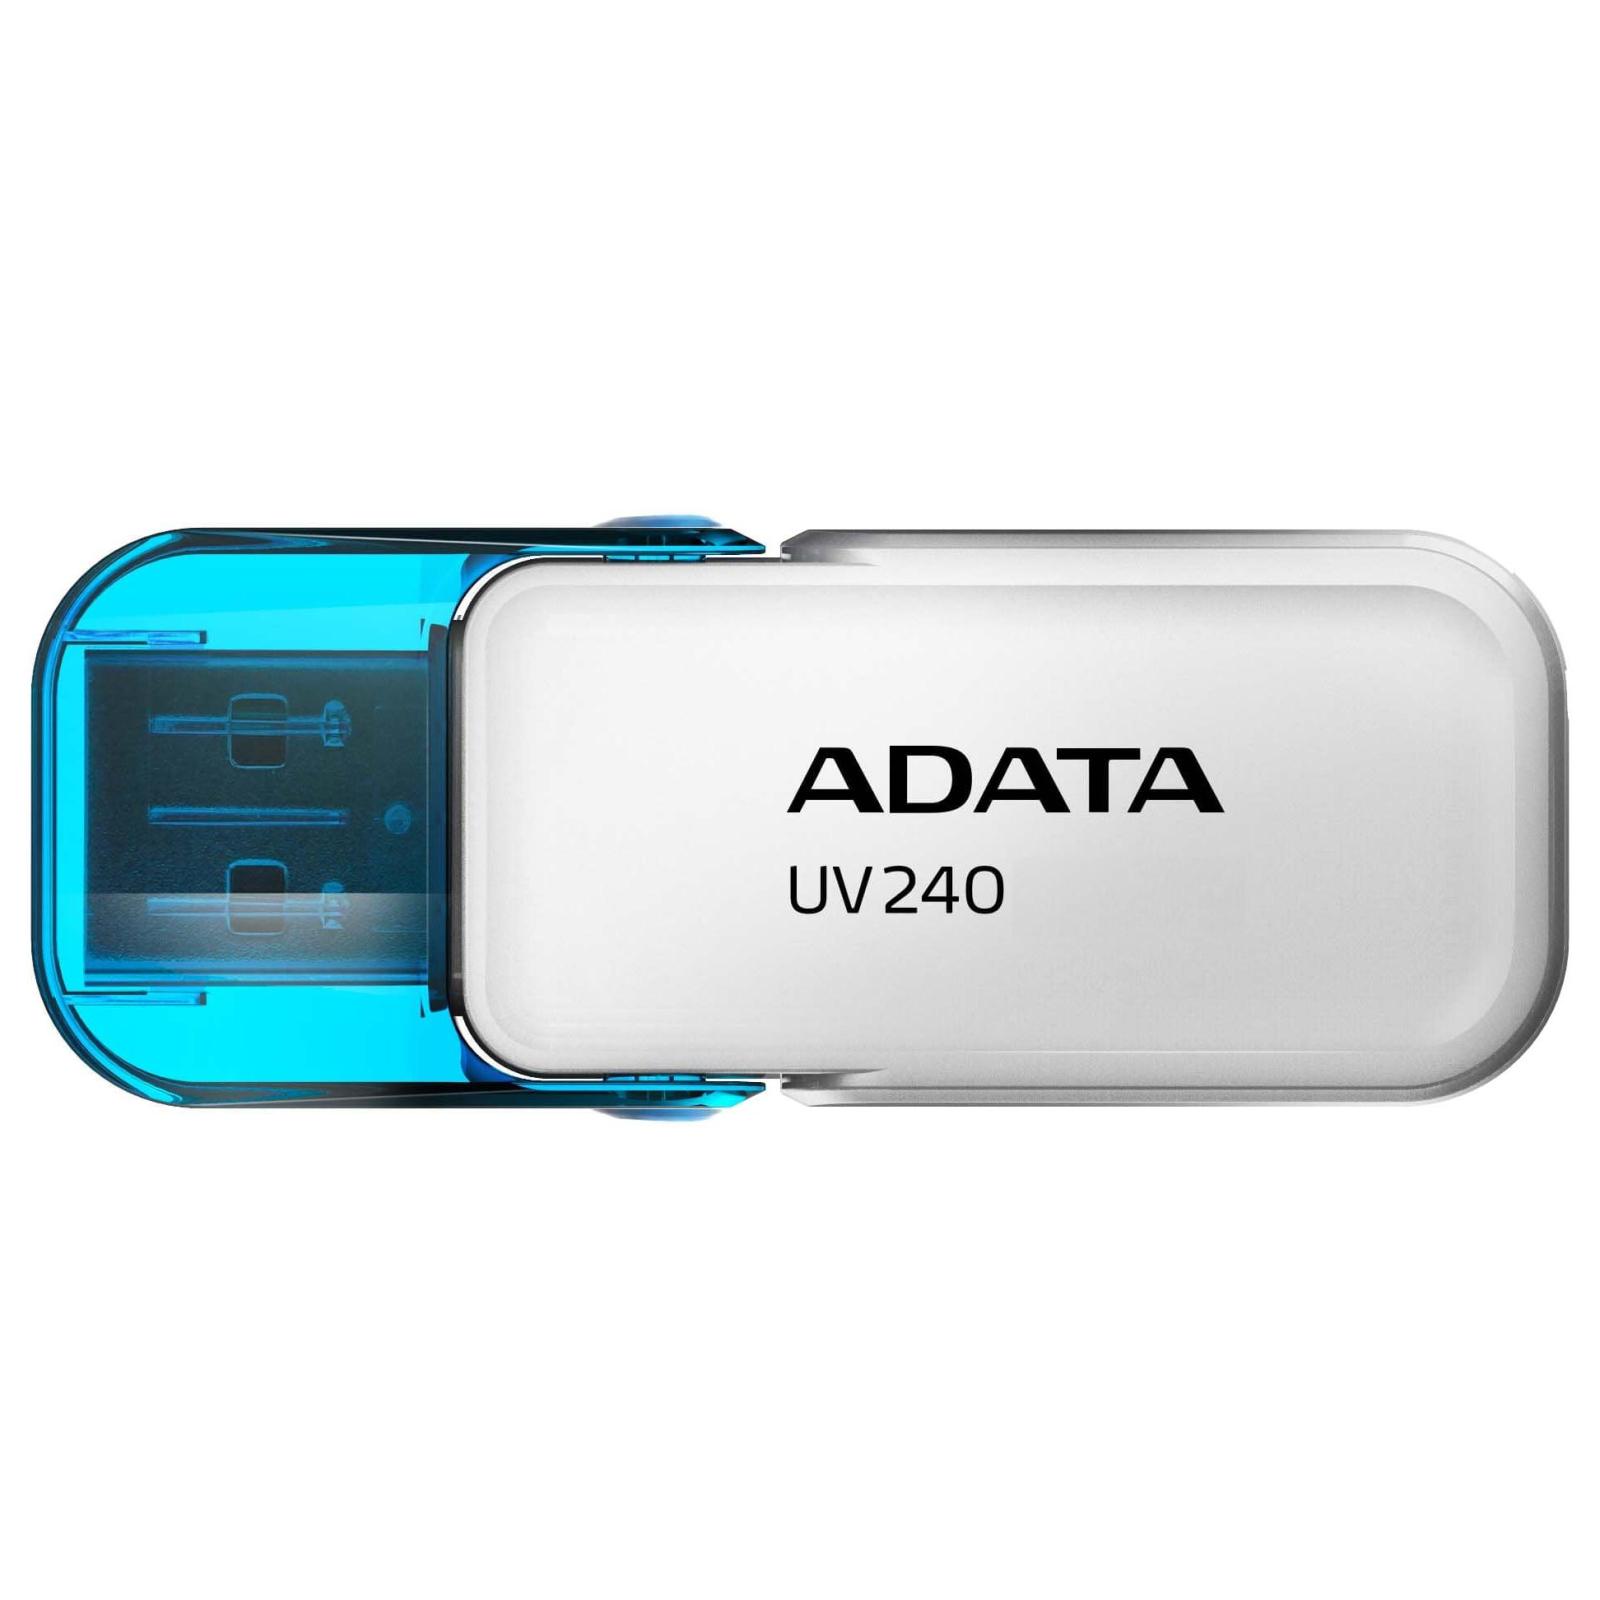 USB флеш накопитель A-DATA 8GB UV240 White USB 2.0 (AUV240-8G-RWH)